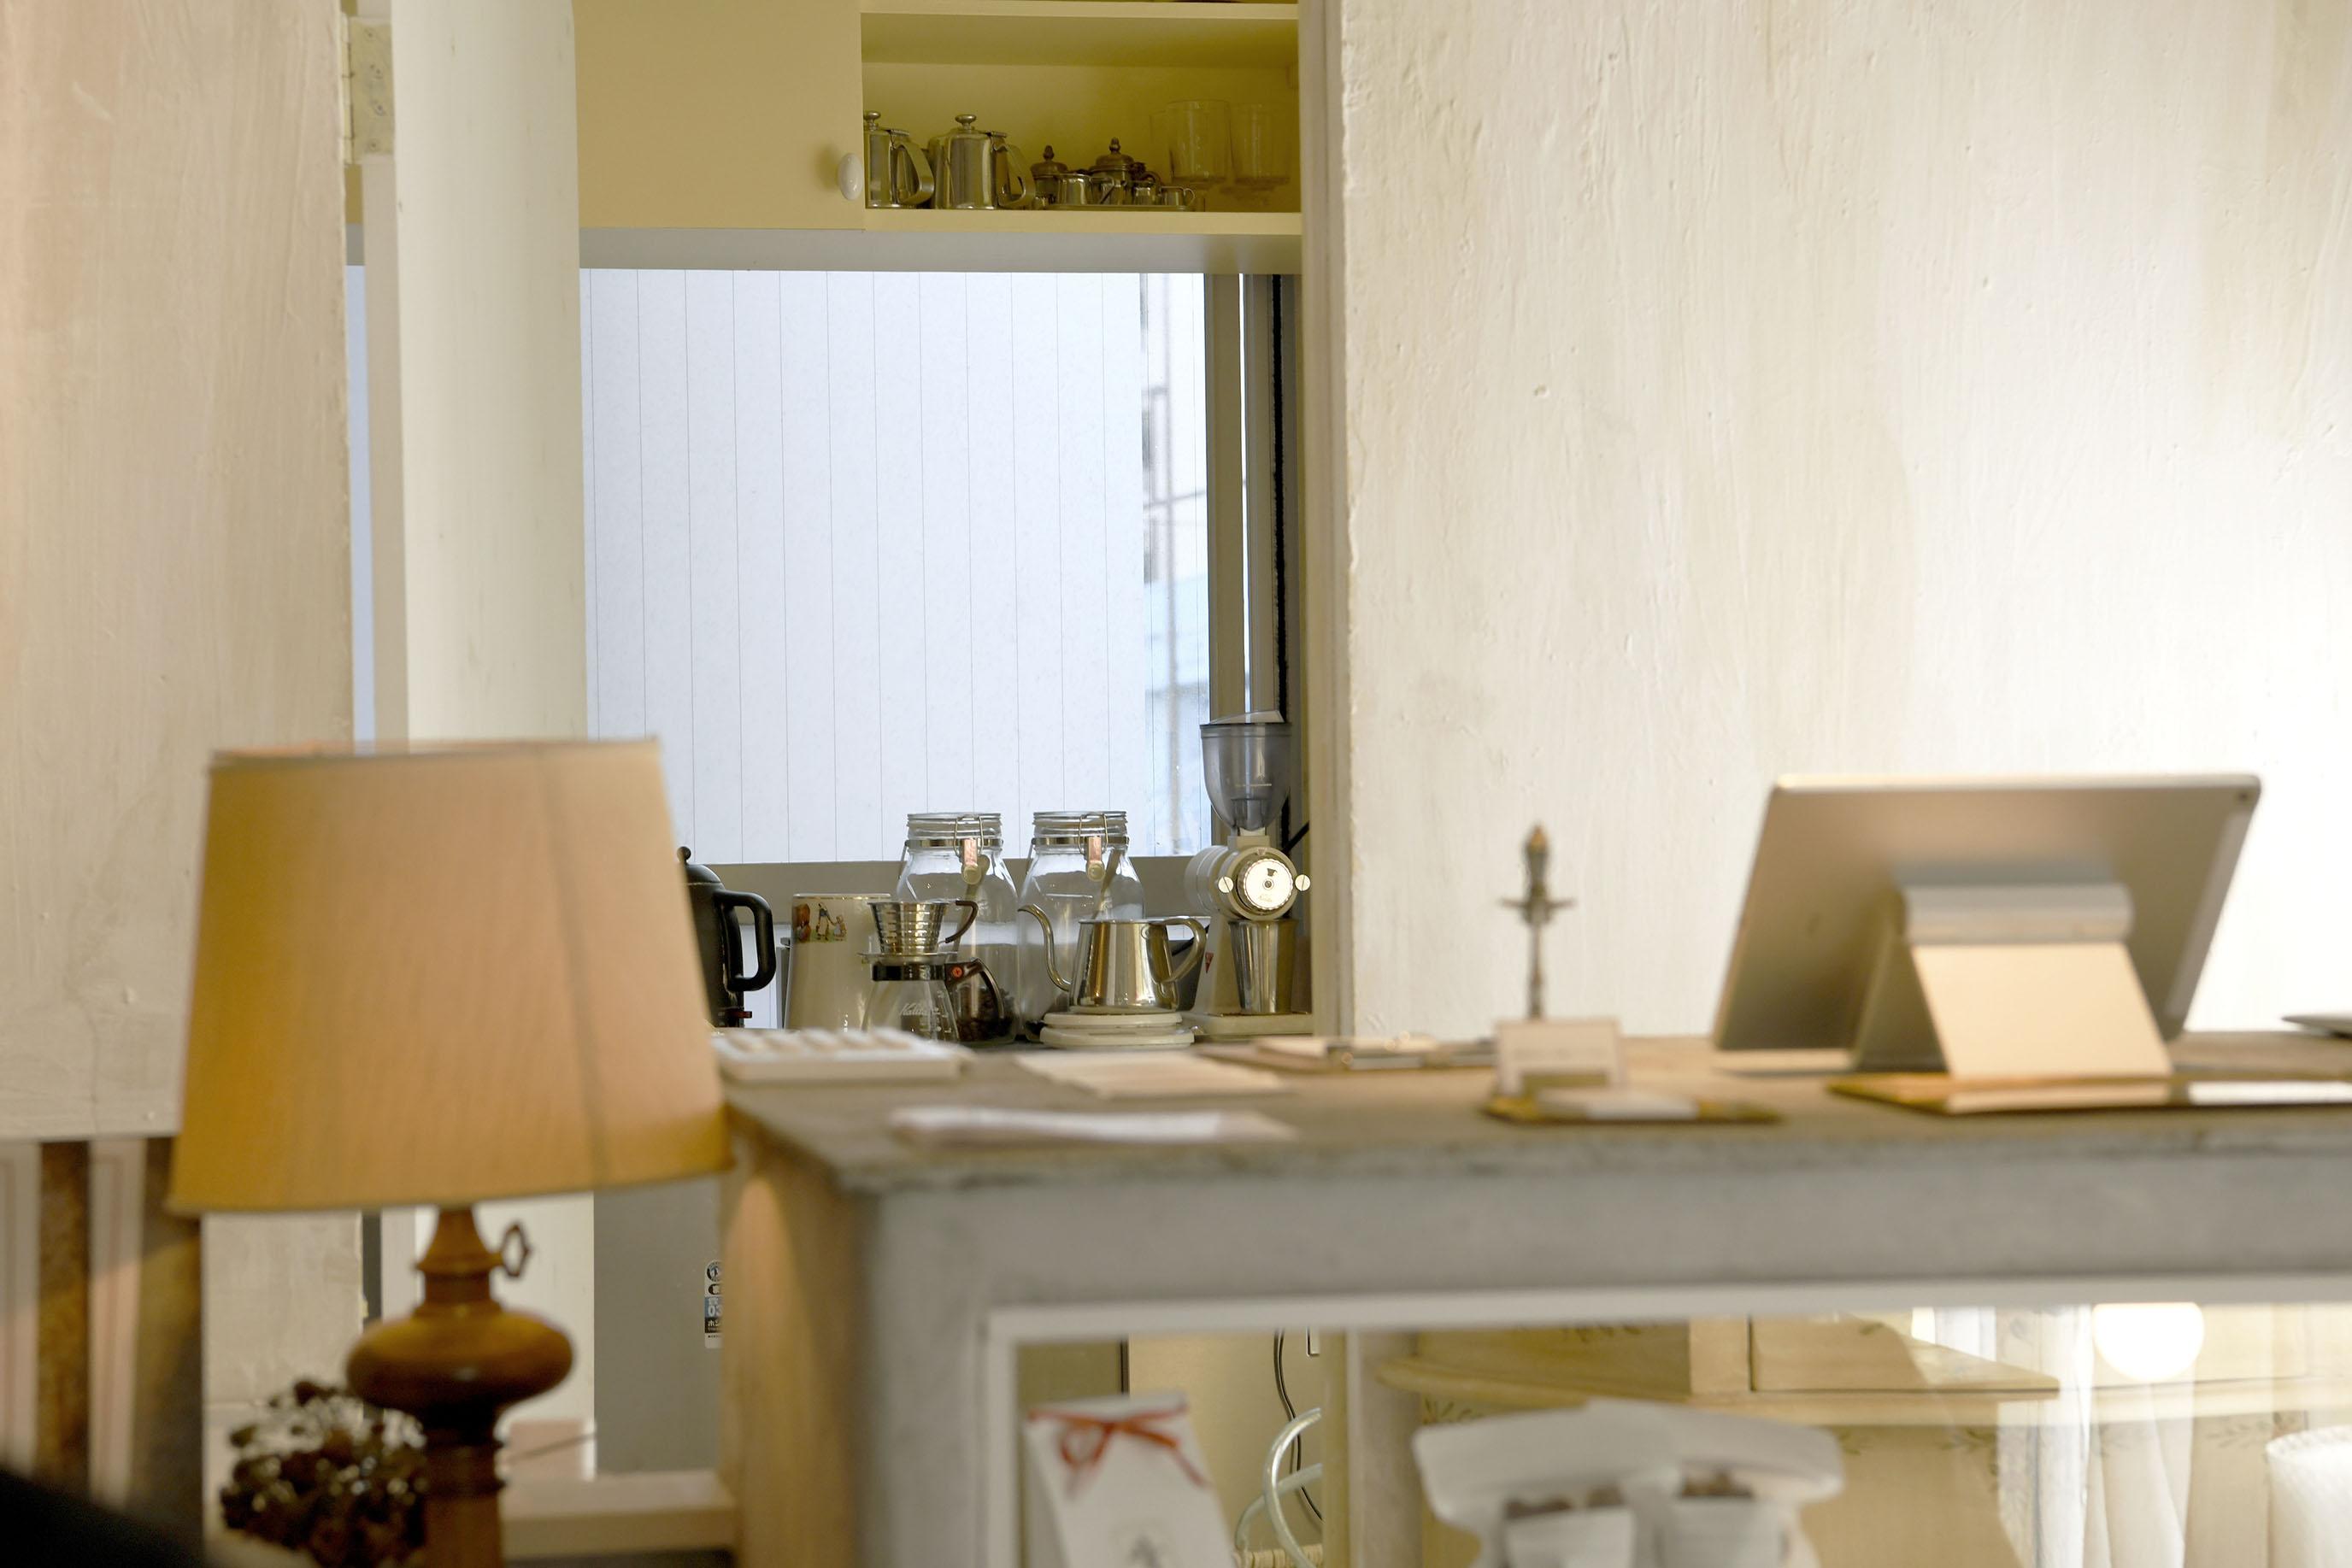 夏綠蒂的房子,苦醇咖啡裡的沉靜洋菓子店|東京澀谷區 maison de charlotte